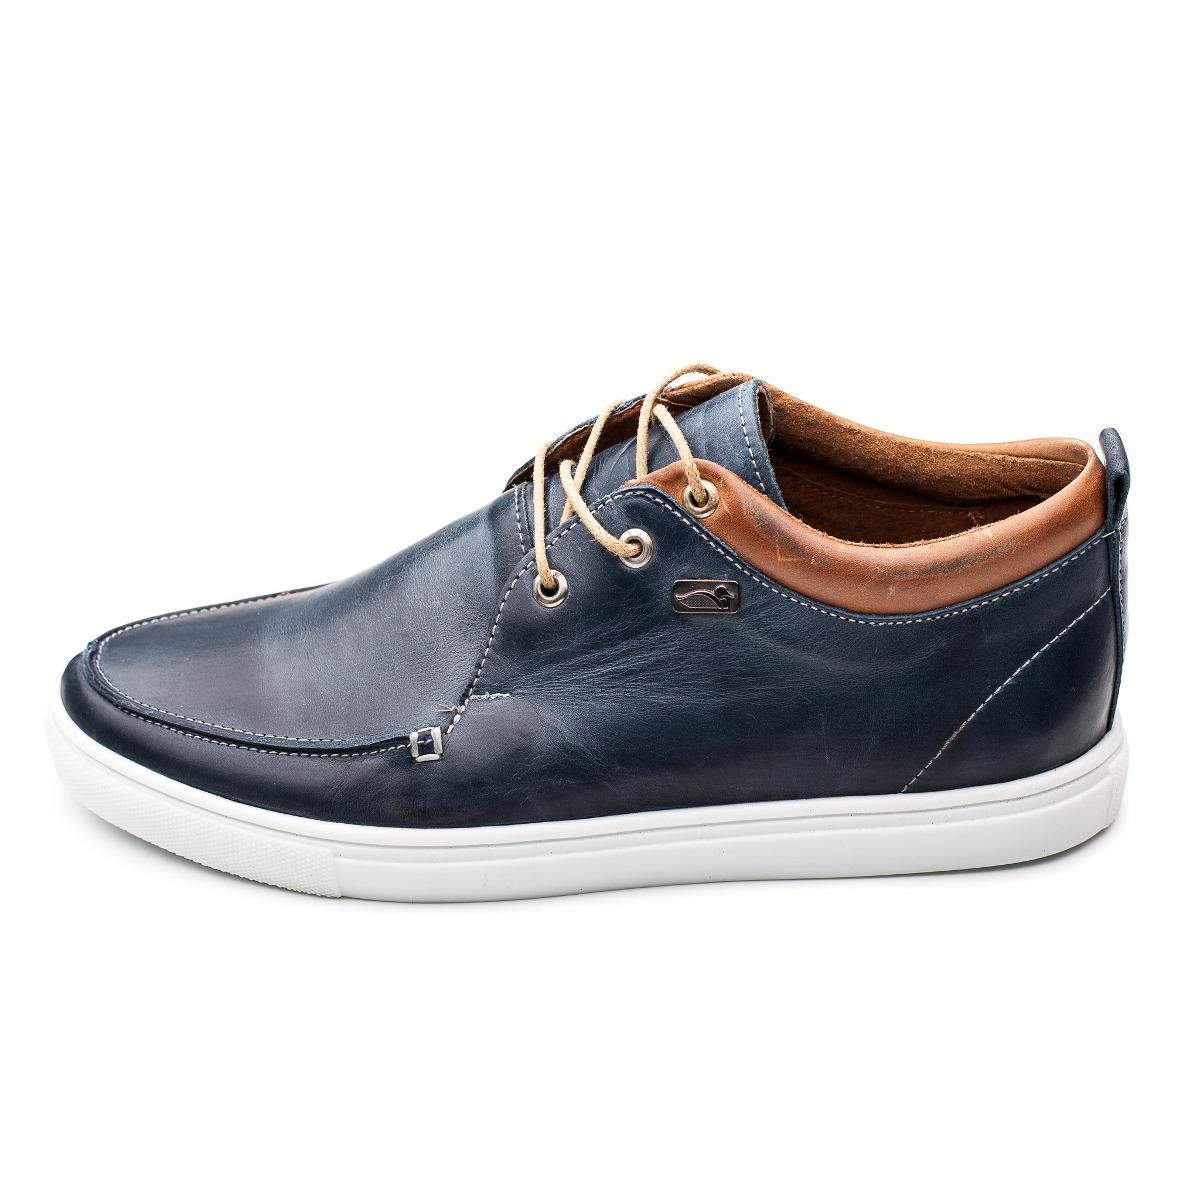 Zapato Zapatilla Cuero Hombre Pato Pampa -patagonia- - $ 2.999,00 en ...